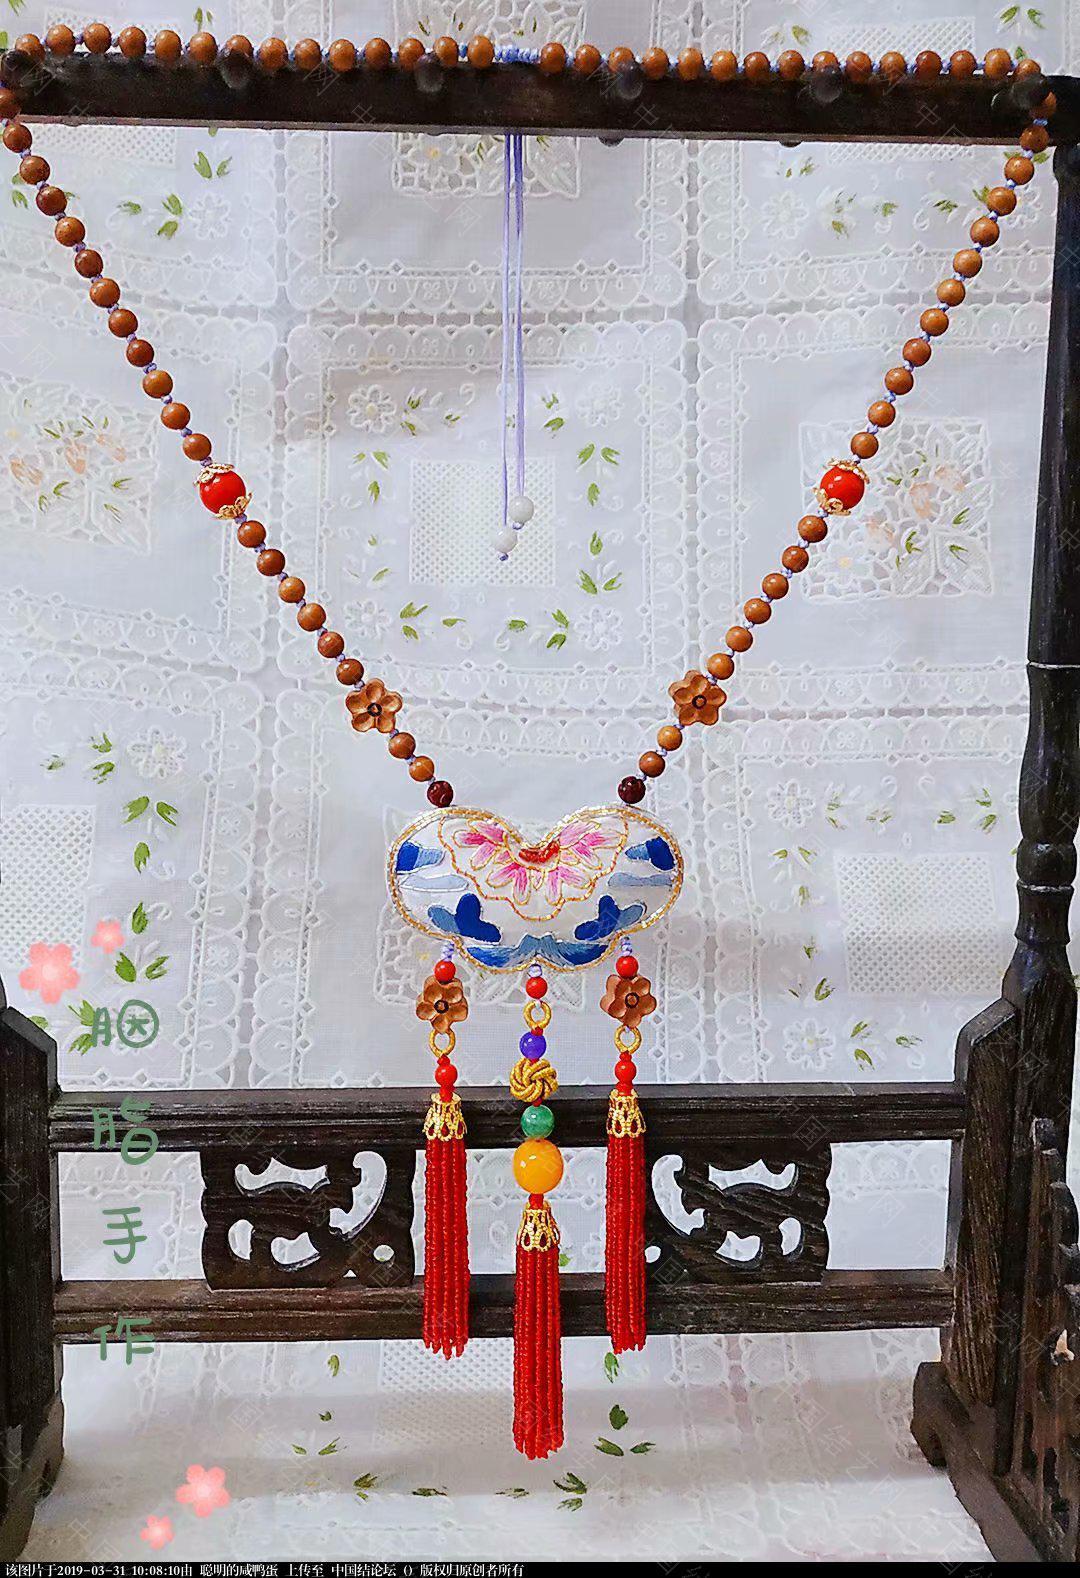 中国结论坛 参赛作品——青萝拂衣 苏绣香囊项链 青萝拂衣的小说,青萝拂衣,青萝拂衣长相思,青萝拂衣一雨 作品展示 100542gas6acnc6qnavj61